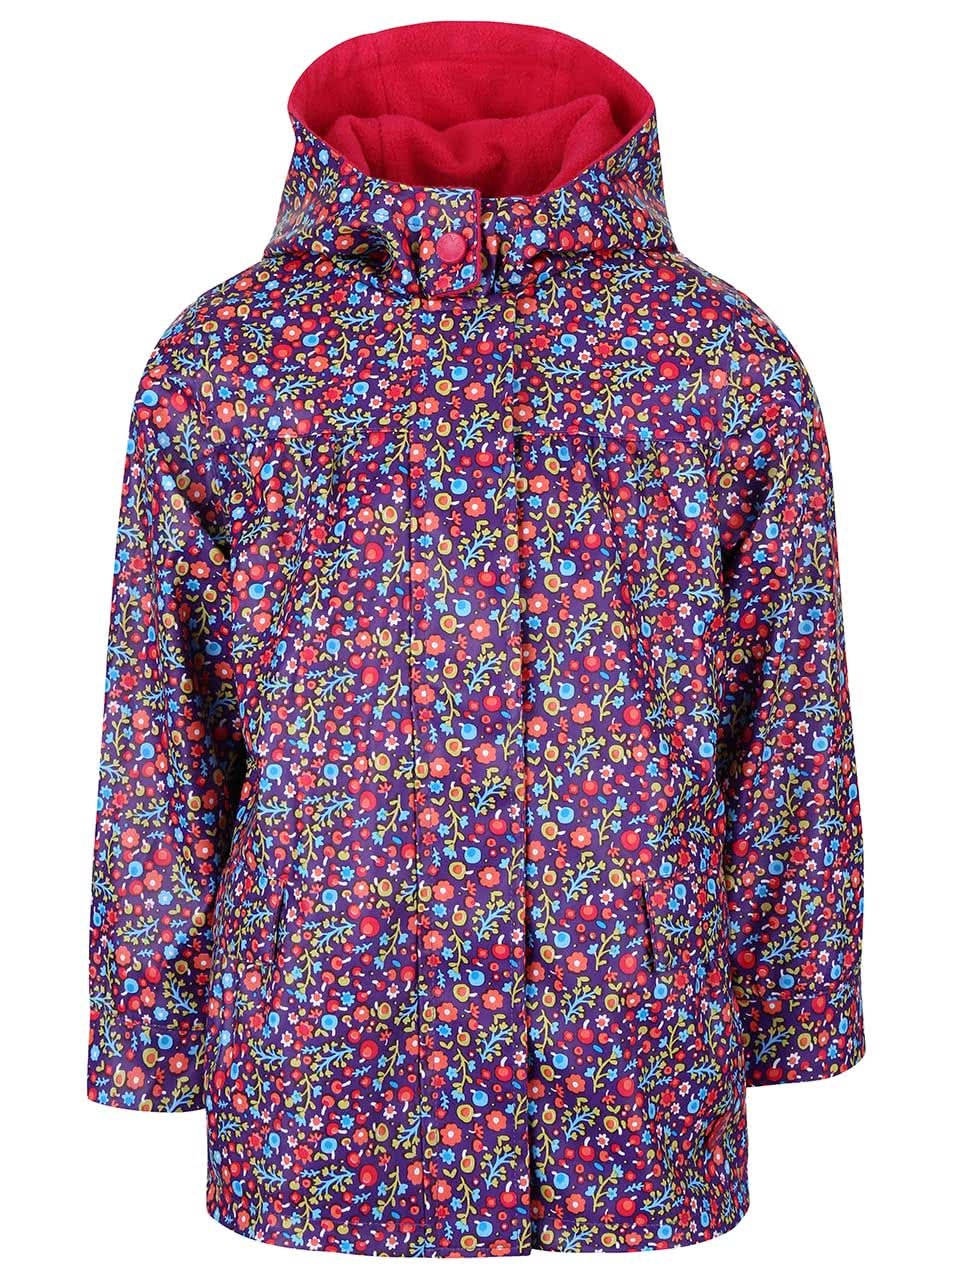 Fialová holčičí nepromokavá bunda s květinovým vzorem Bóboli